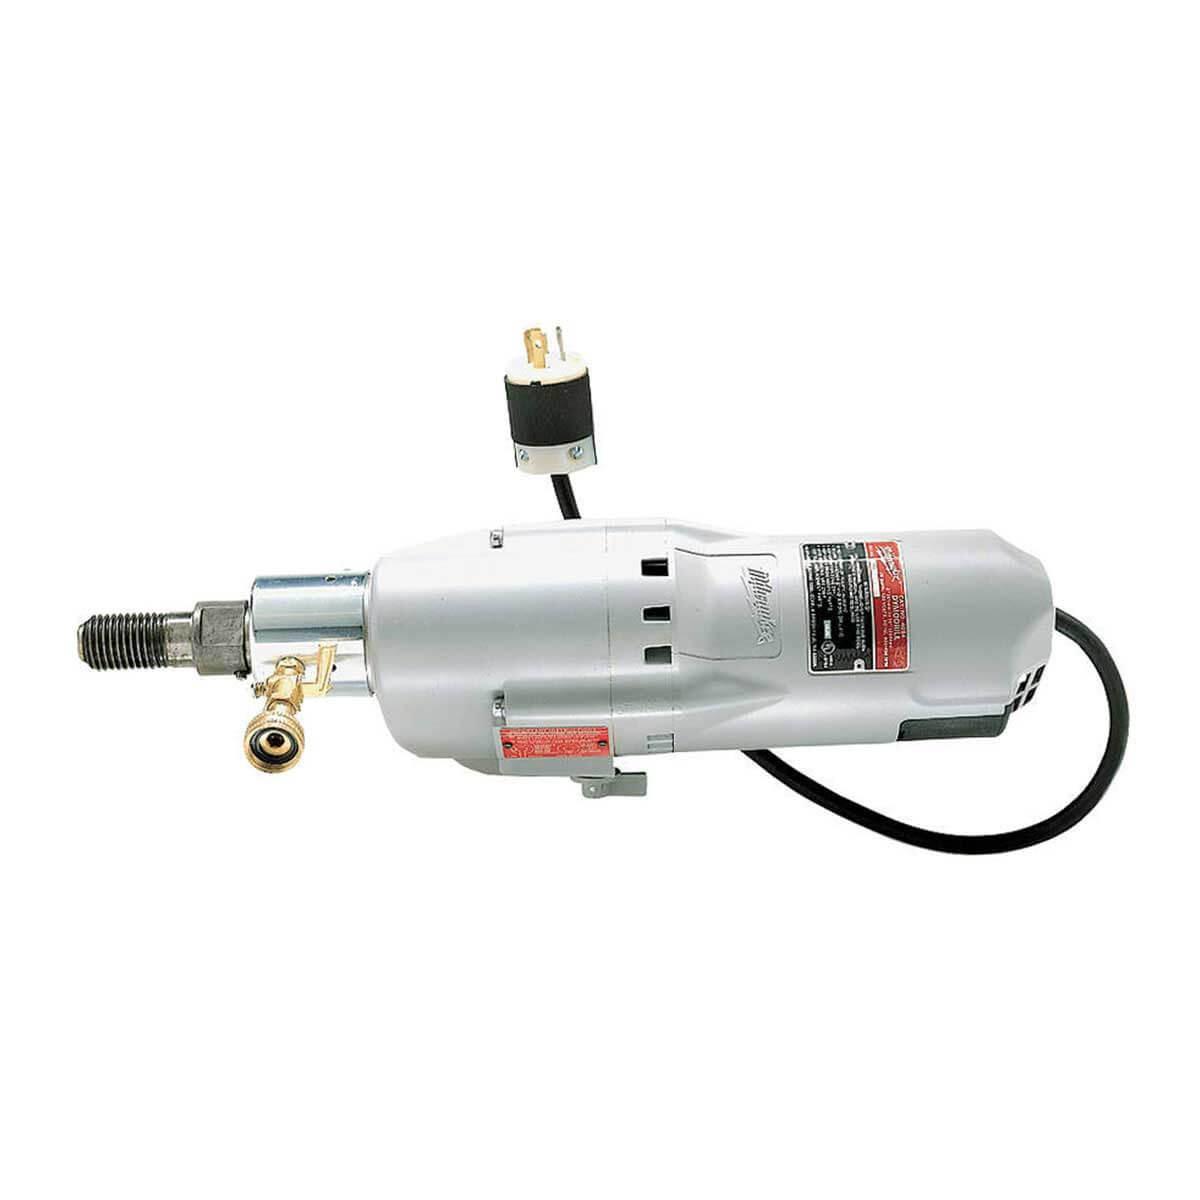 Milwaukee 4090 Diamond Coring Drill